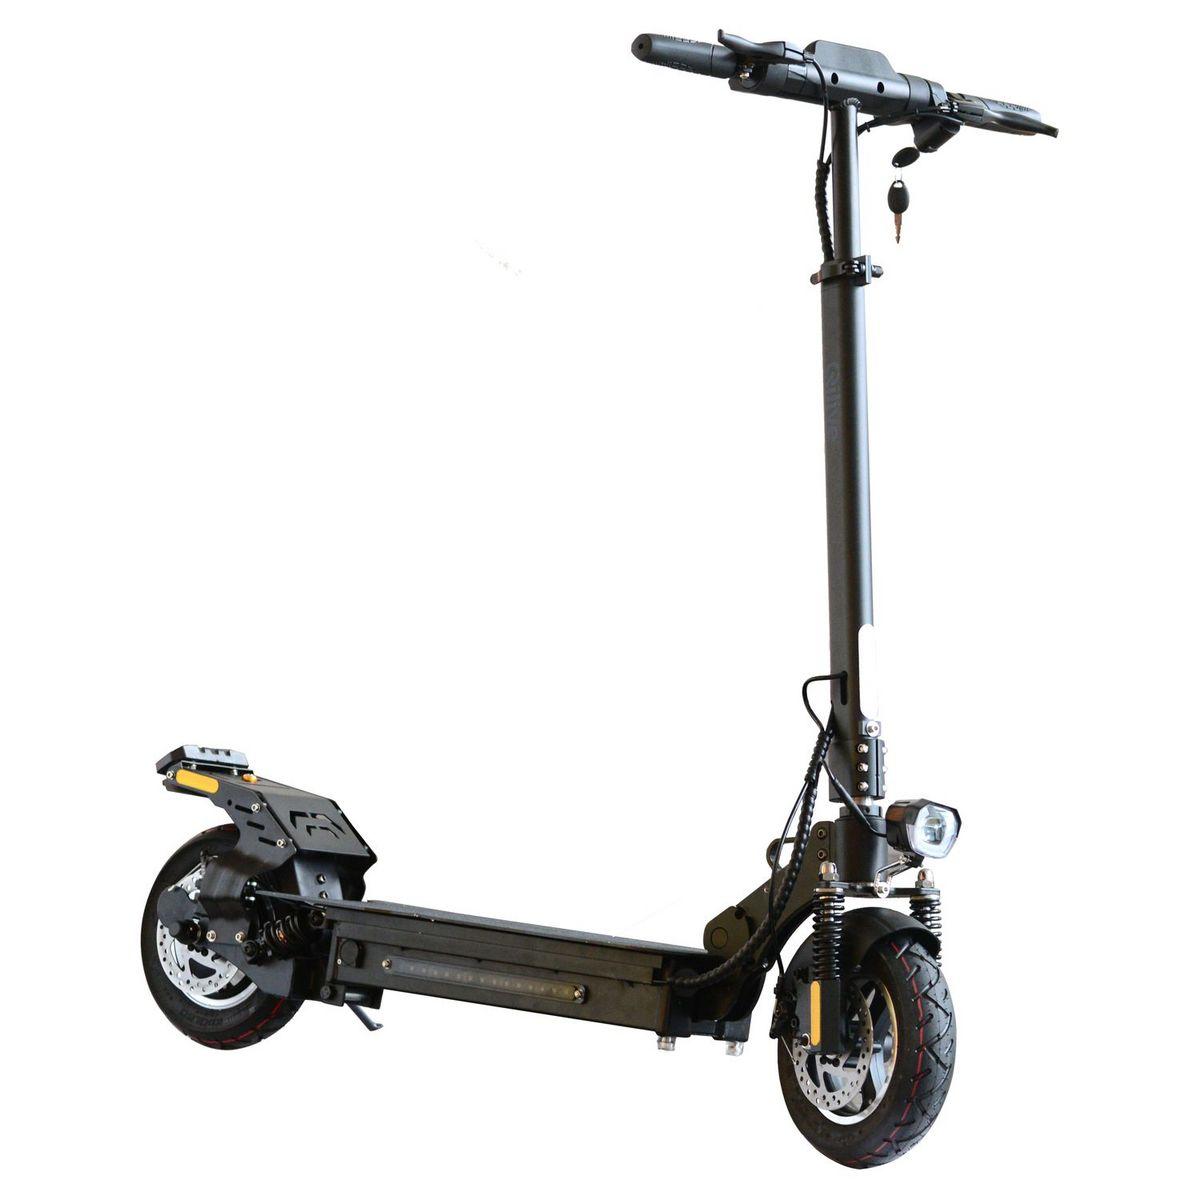 Trottinette électrique Touring V4 Q.4512 - 154386 - Noir